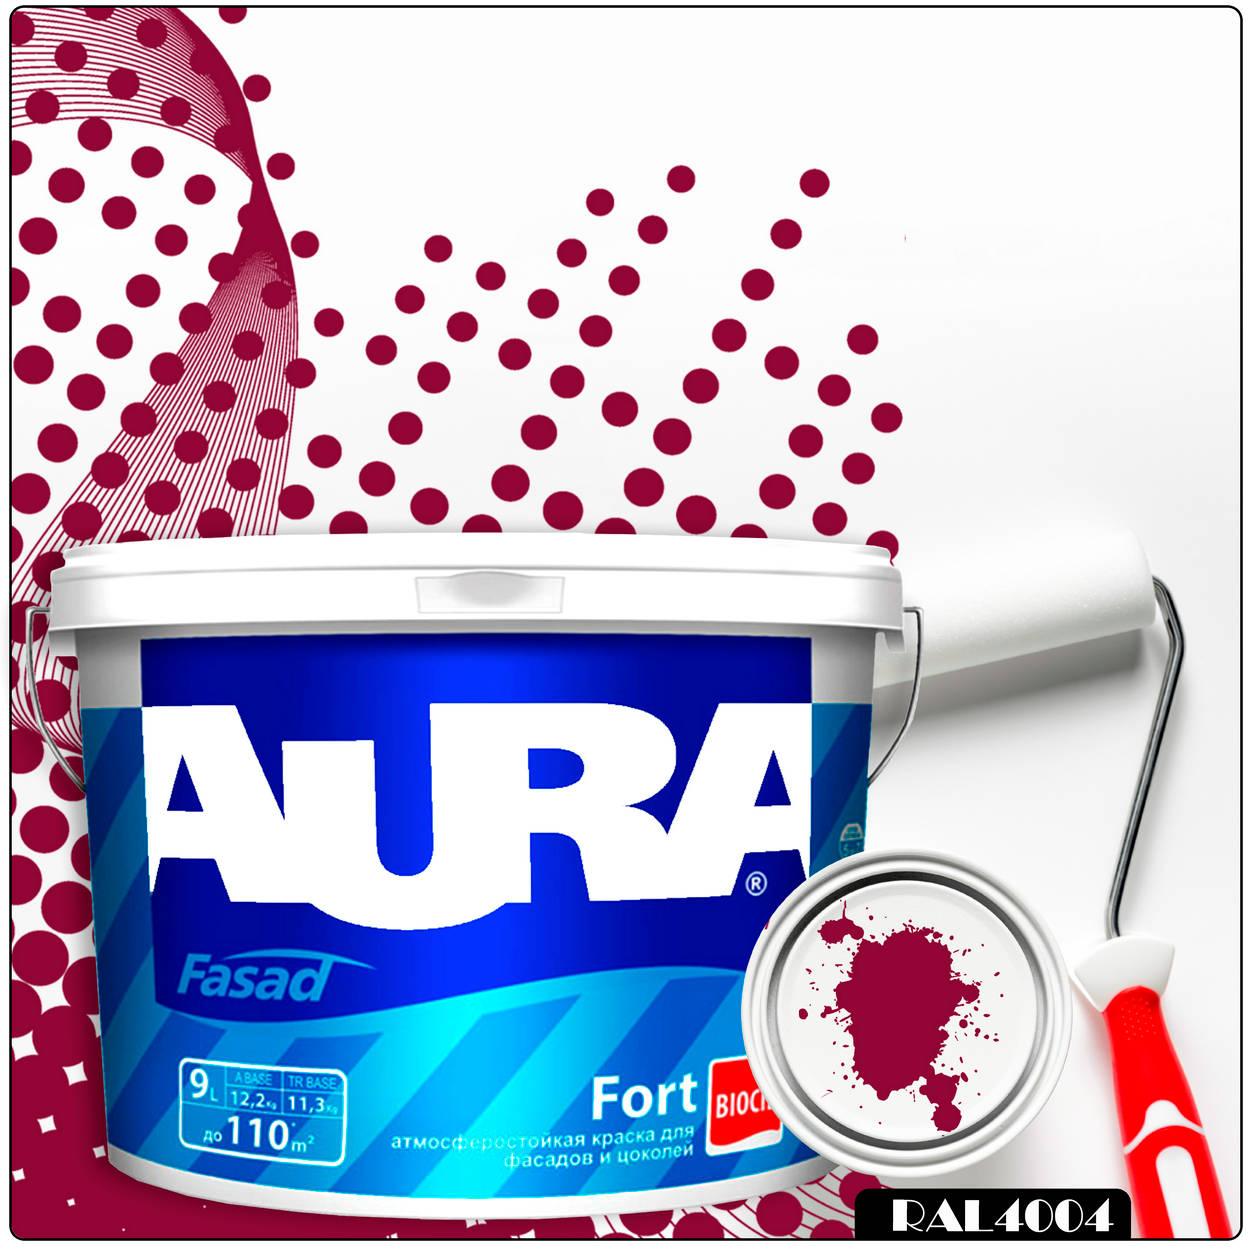 Фото 4 - Краска Aura Fasad Fort, RAL 4004 Бордово-фиолетовый, латексная, матовая, для фасада и цоколей, 9л, Аура.